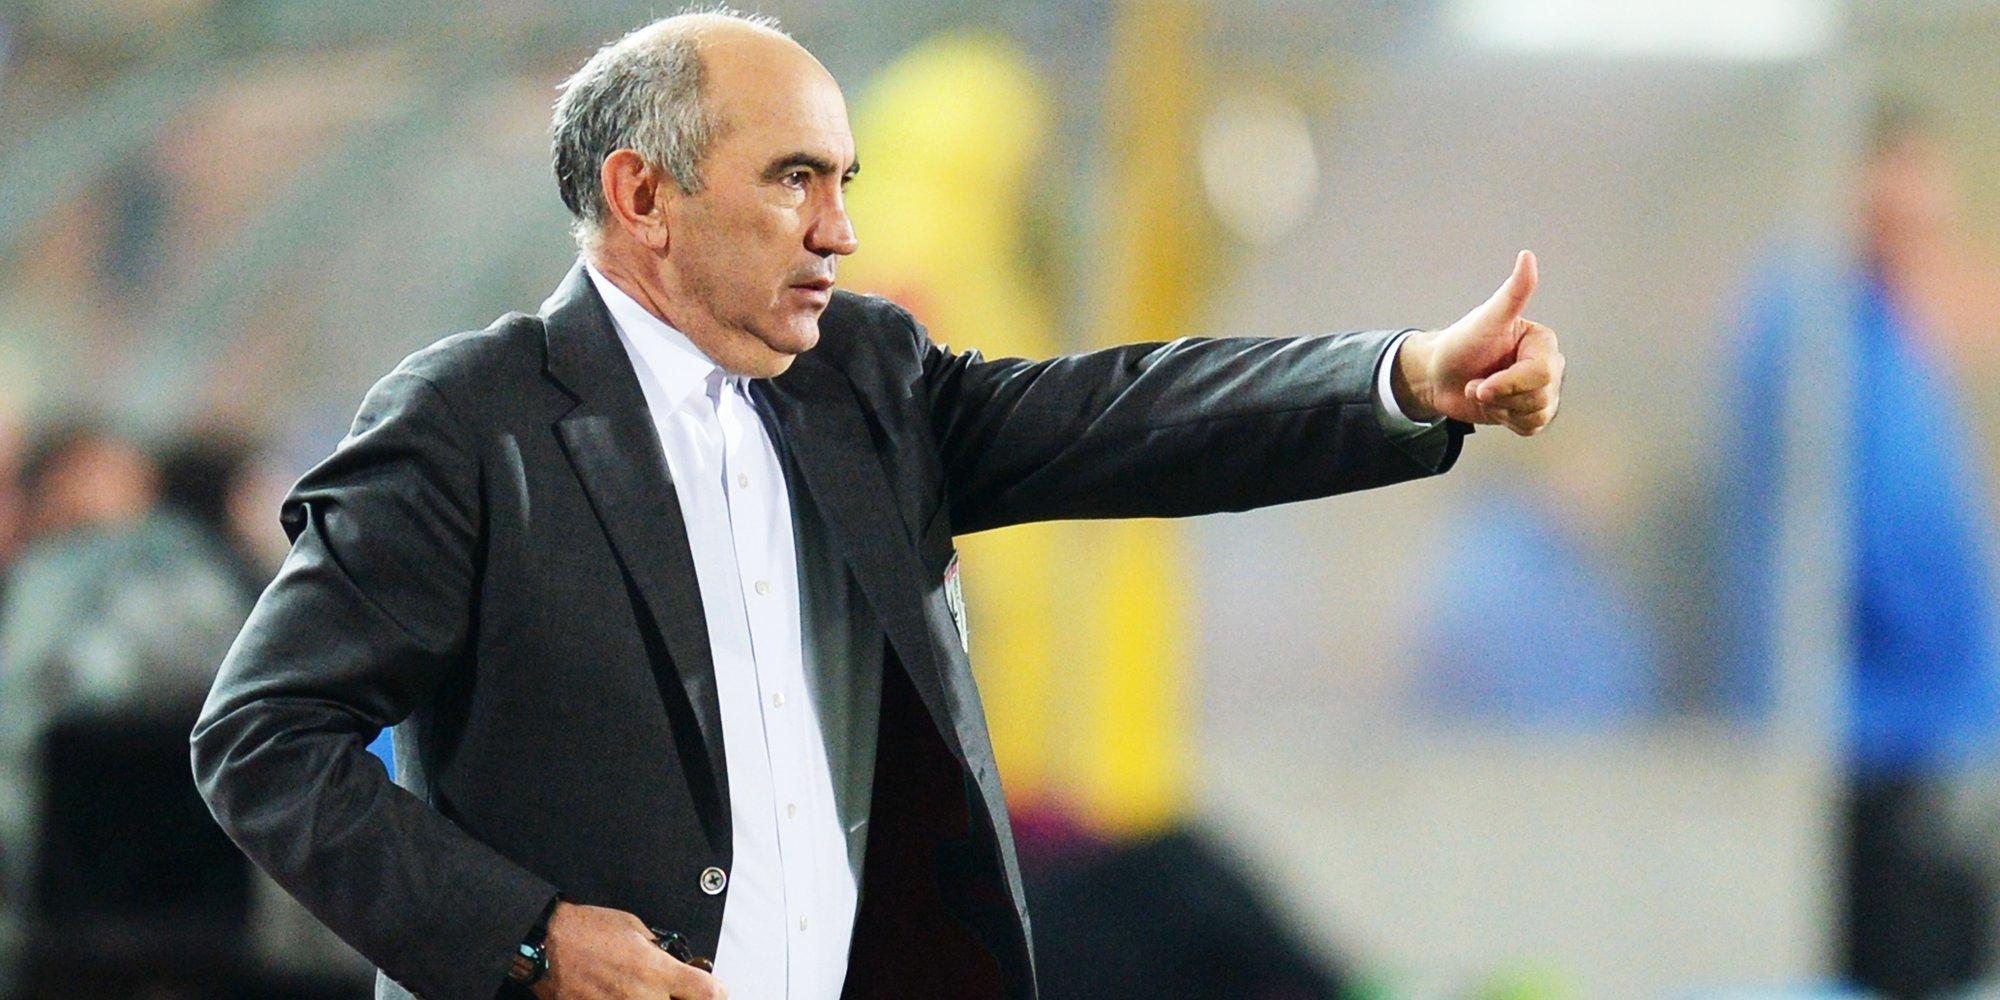 Сергей Корниленко: «Бердыев — мощный тактик. Это идеальная кандидатура на пост главного тренера сборной России»